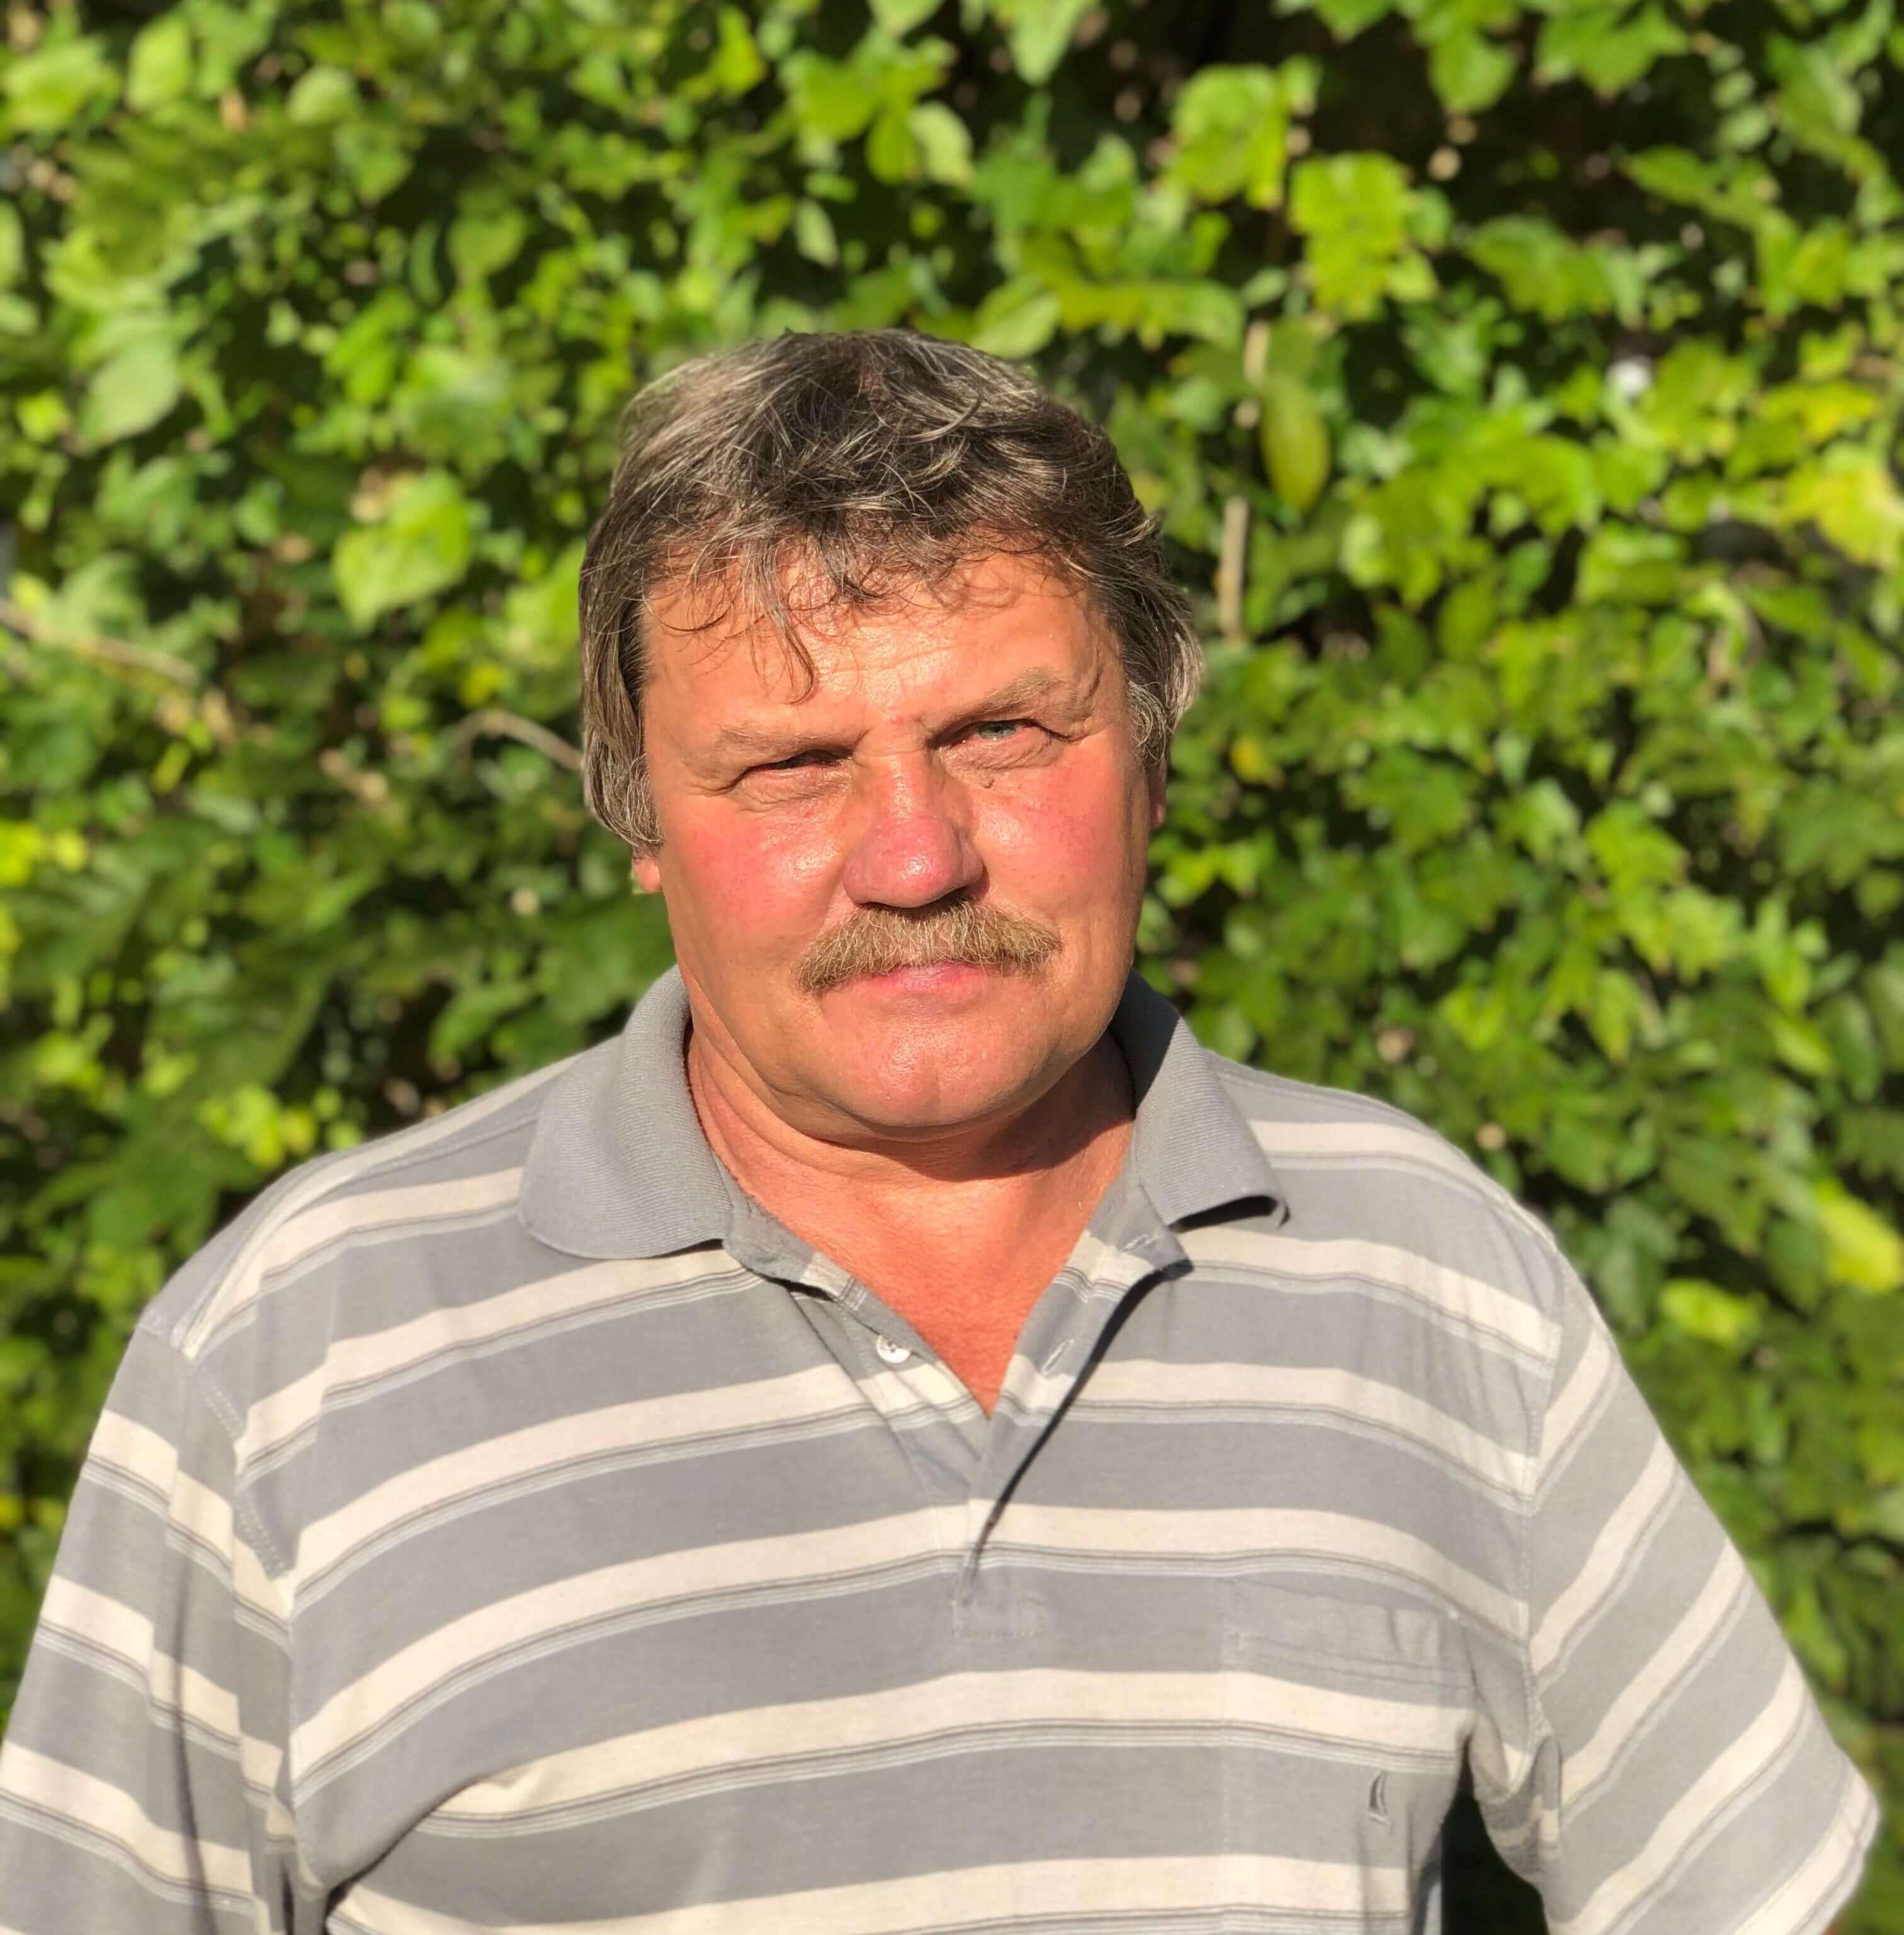 Profilová fotka Ing. Václav Sitter